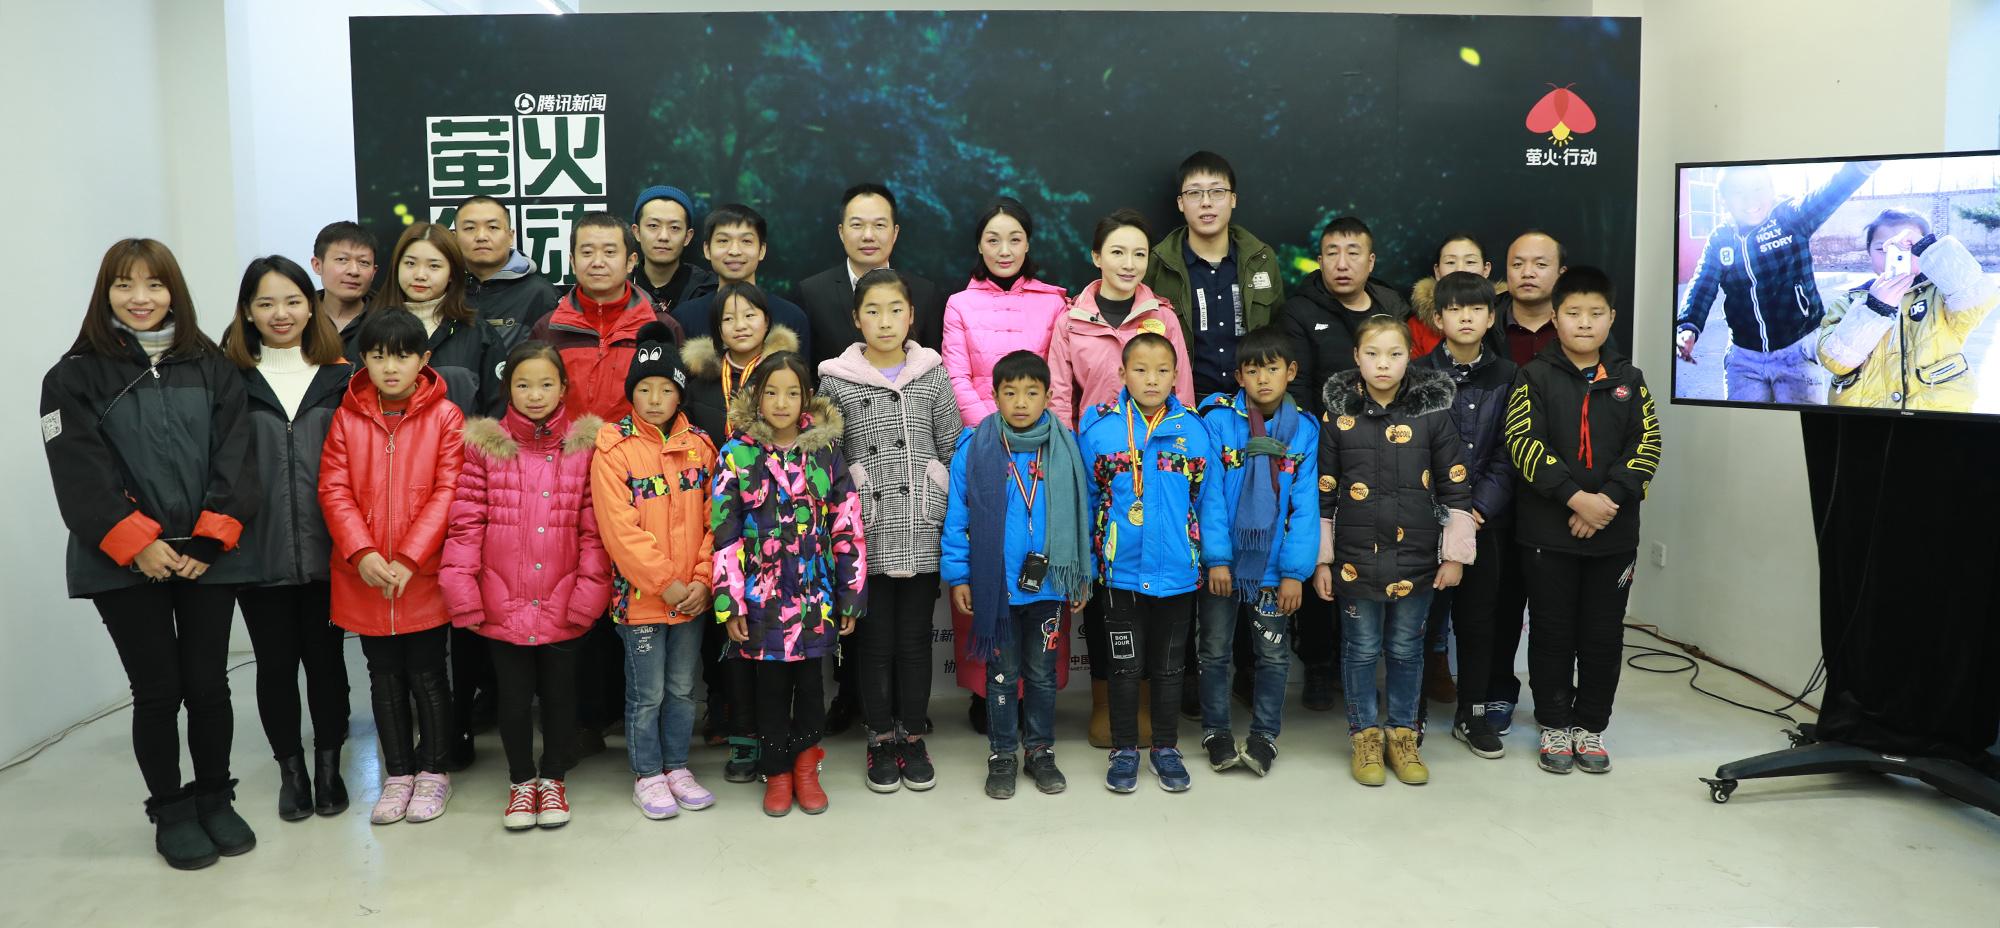 """梦想 """"照"""" 进现实 留守儿童在北京开摄影展"""